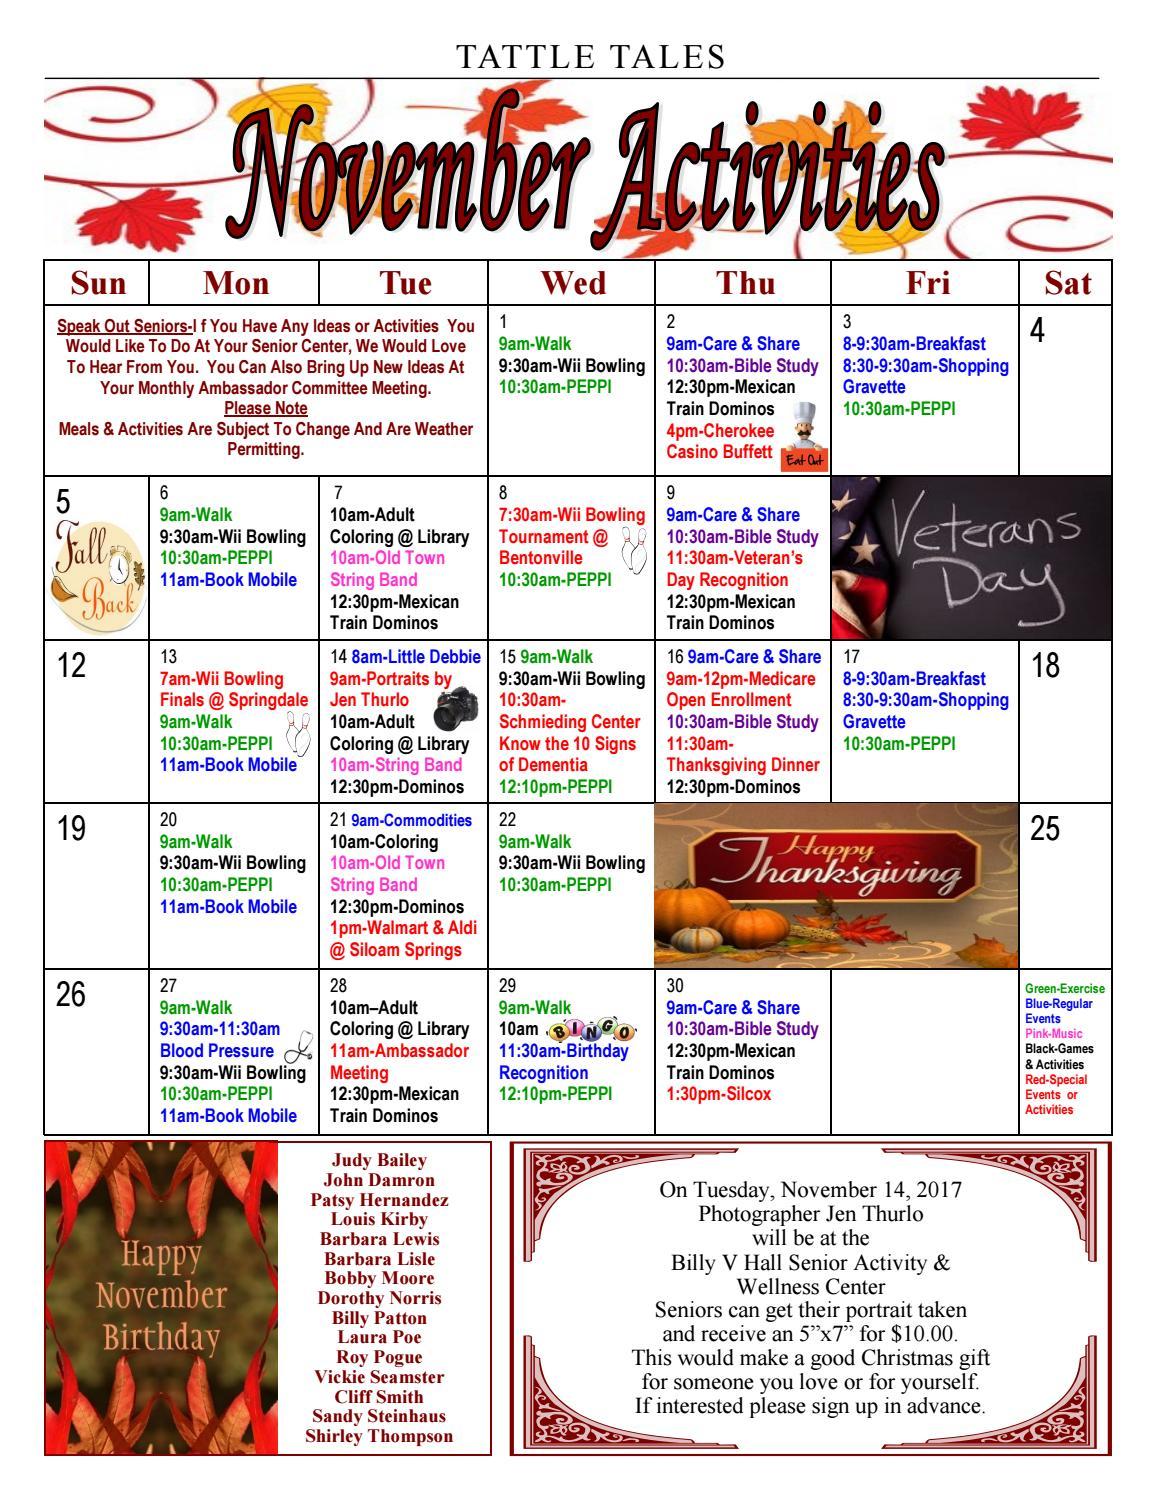 billy-v-hall-senior-activity-wellness-center-newsletter-november ...